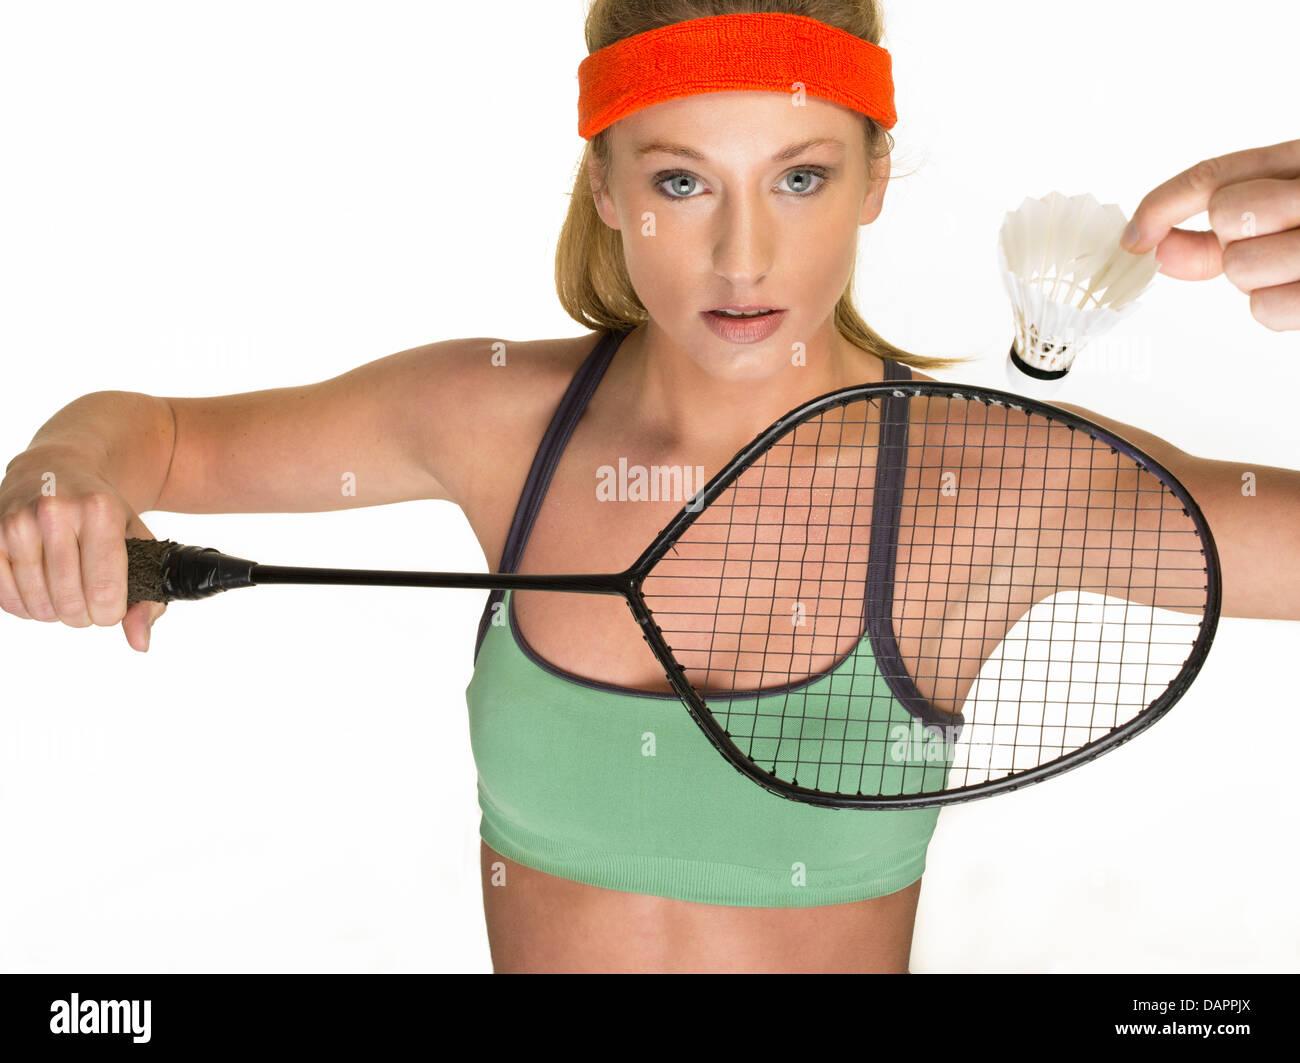 Studio ritratto femminile di badminton player Immagini Stock